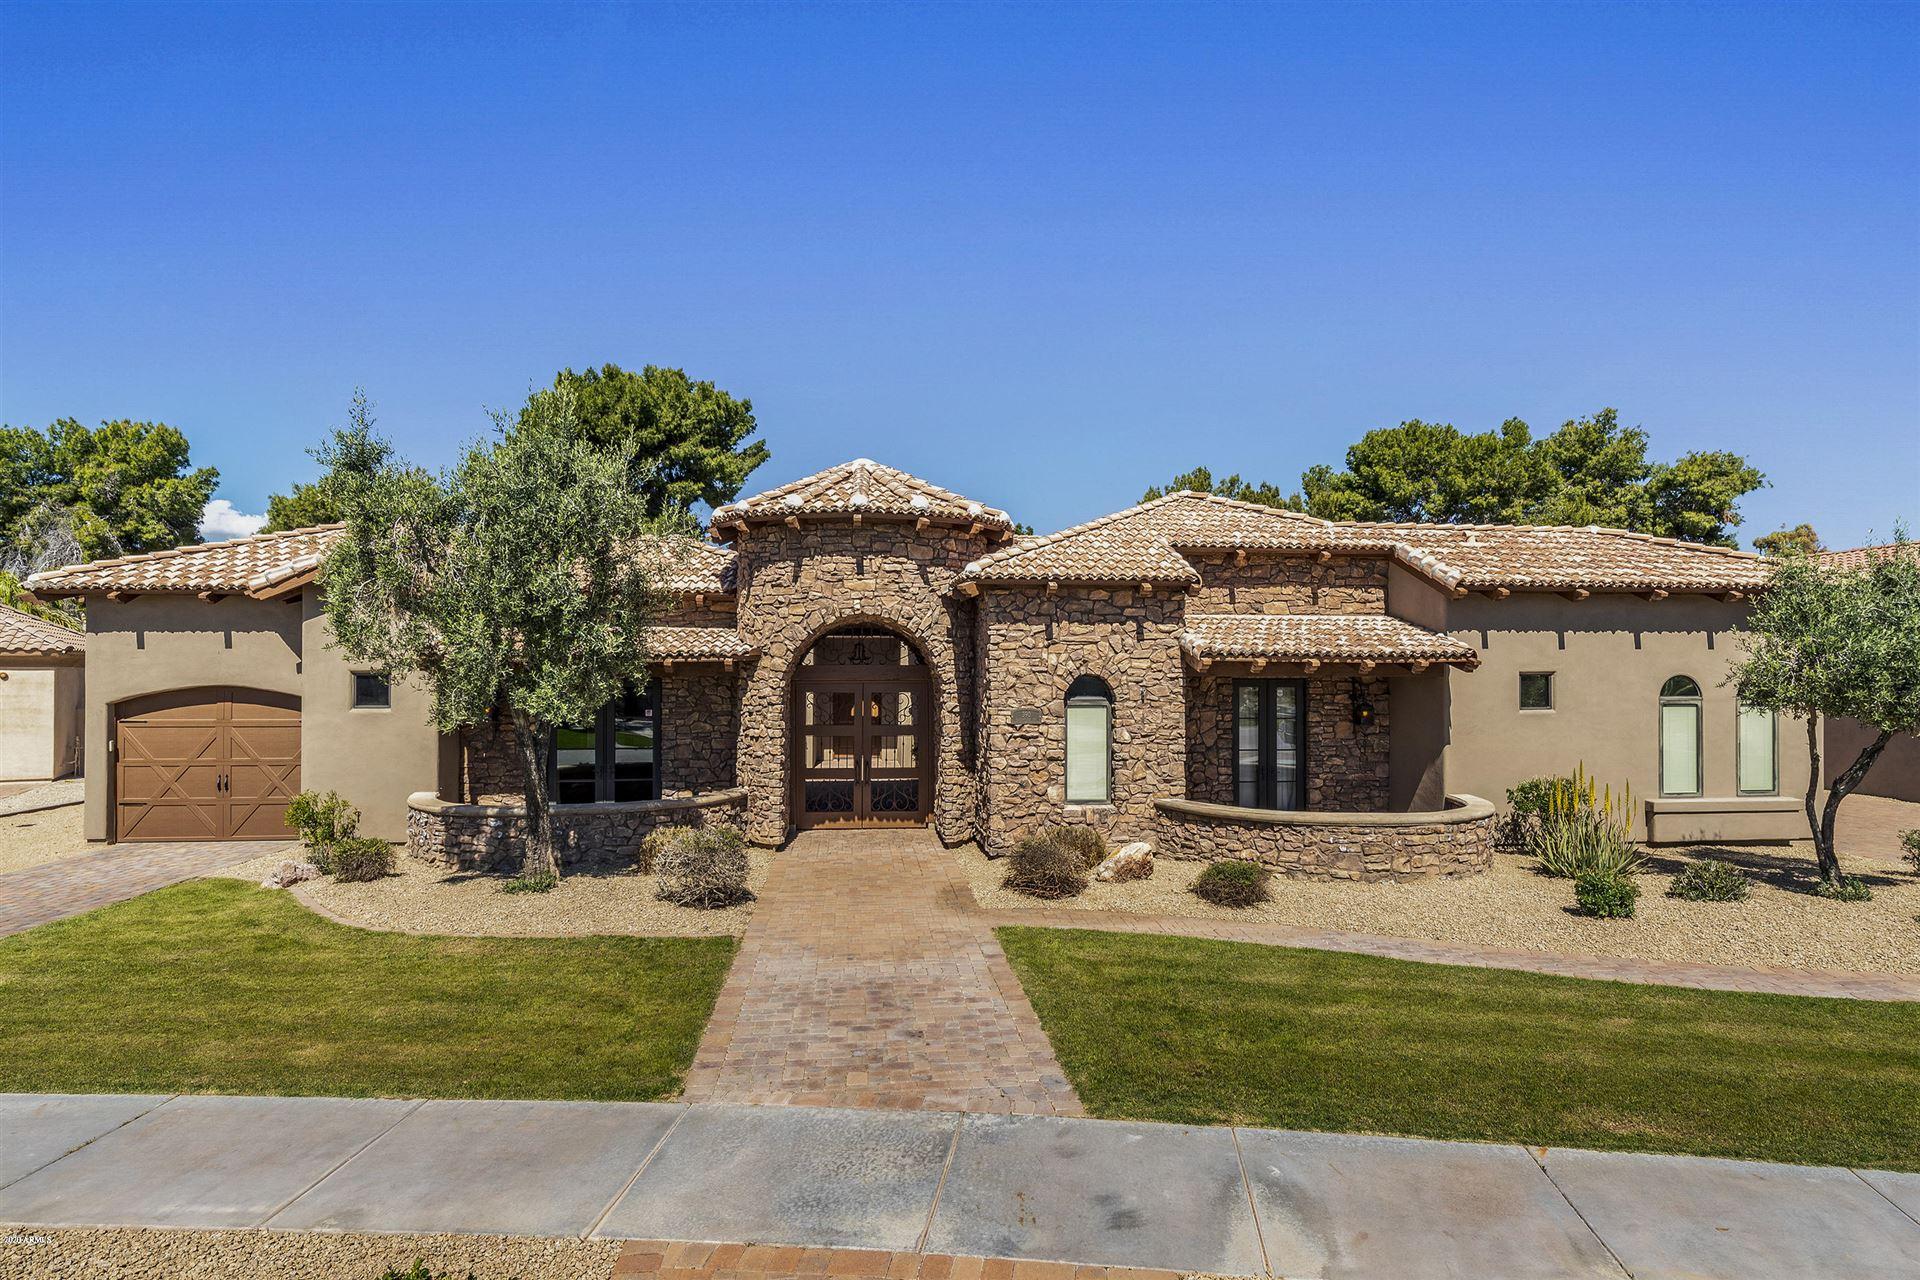 390 N CLOVERFIELD Circle, Litchfield Park, AZ 85340 - MLS#: 6055775